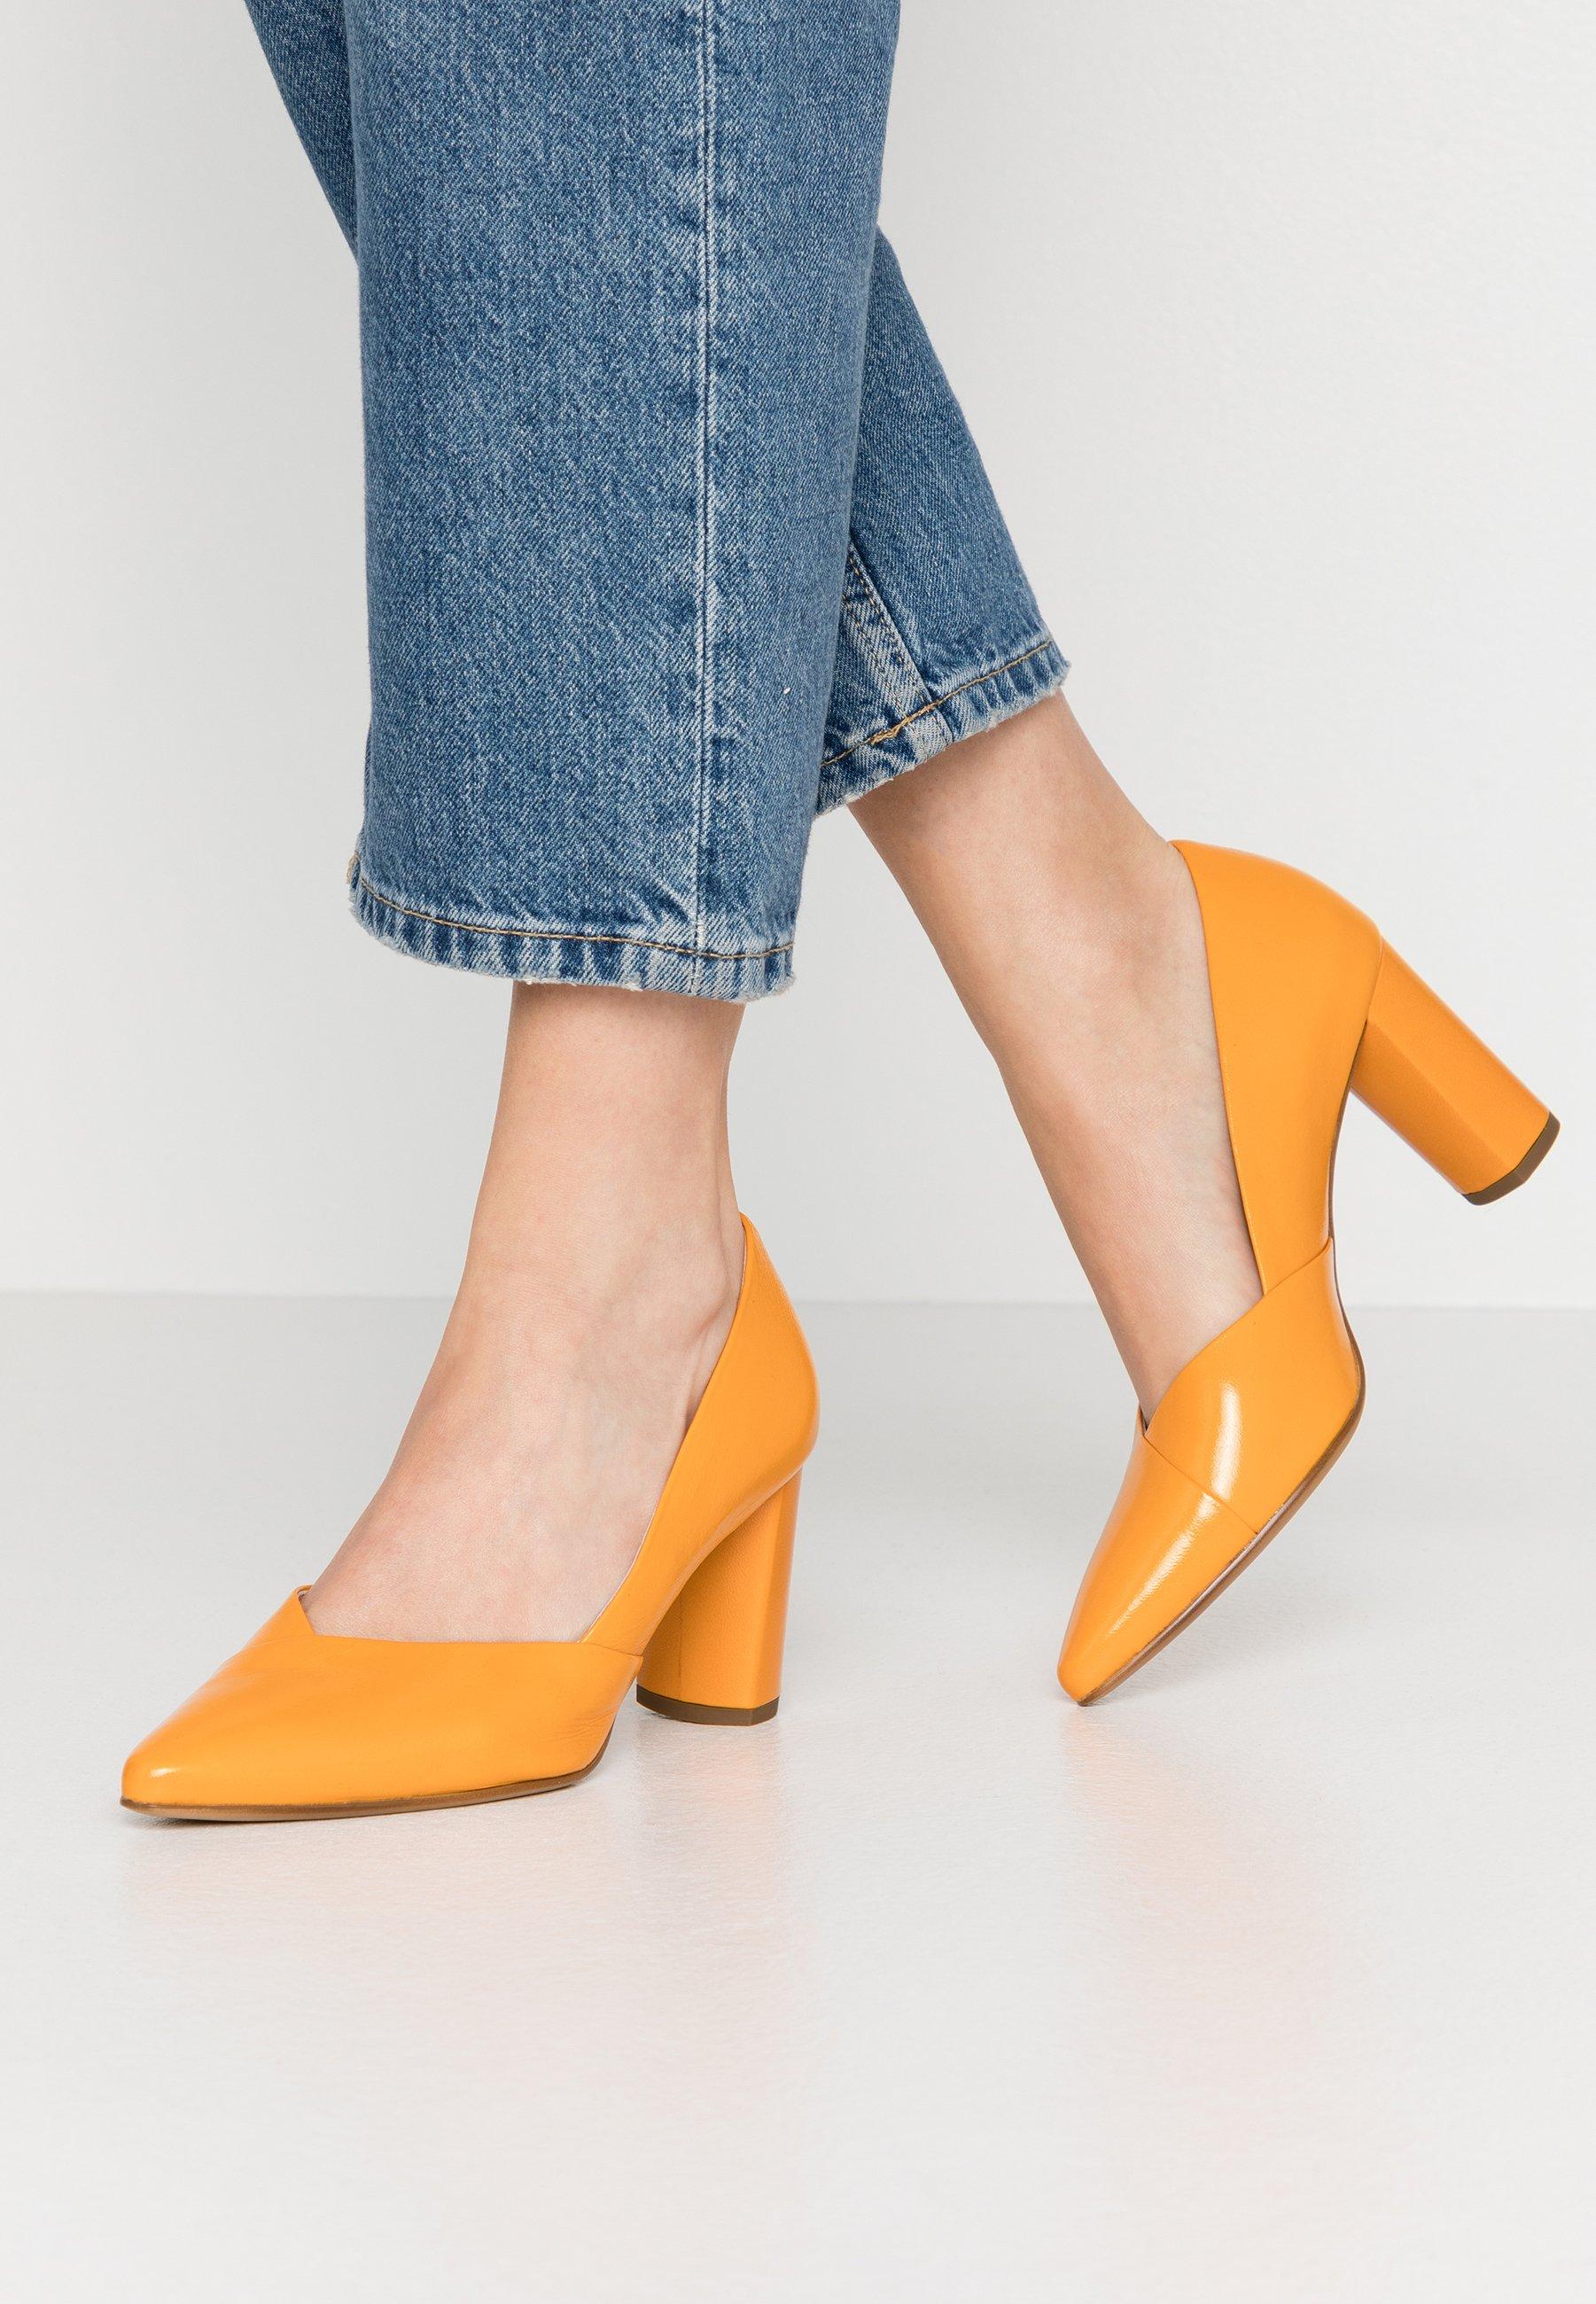 Högl Classic heels - mango